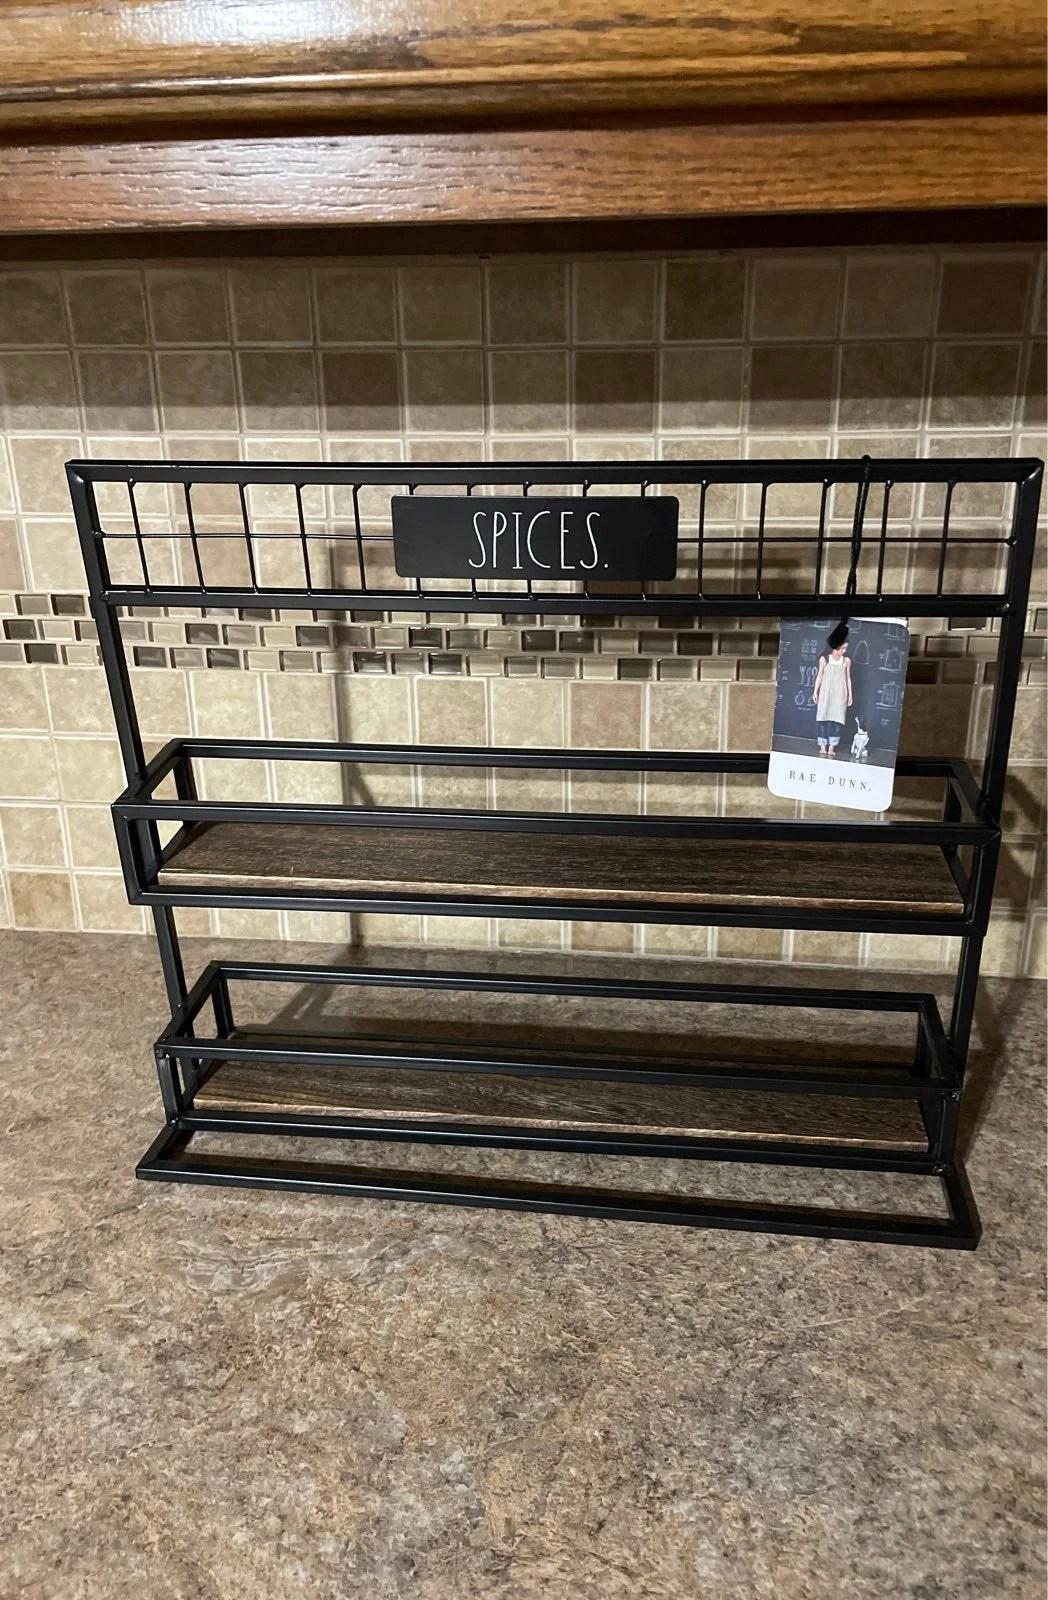 rae dunn spice rack kitchen storage